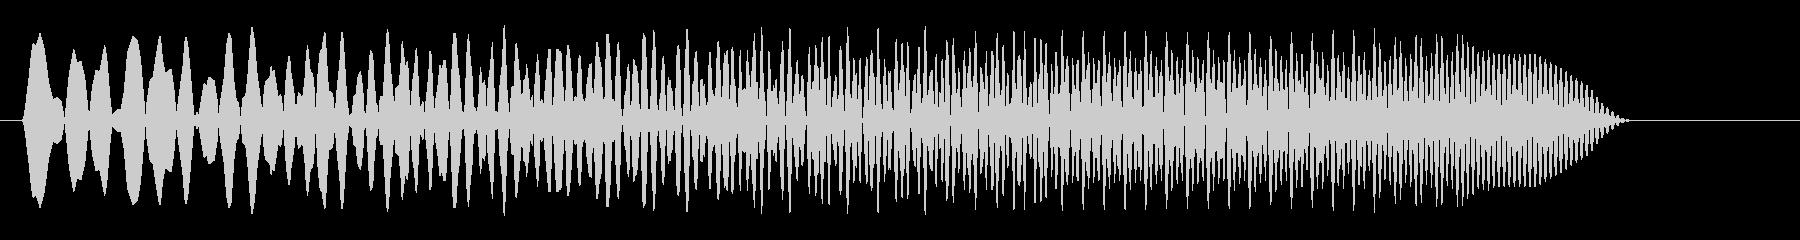 ビュイーン(ワープや移動の機械の効果音)の未再生の波形